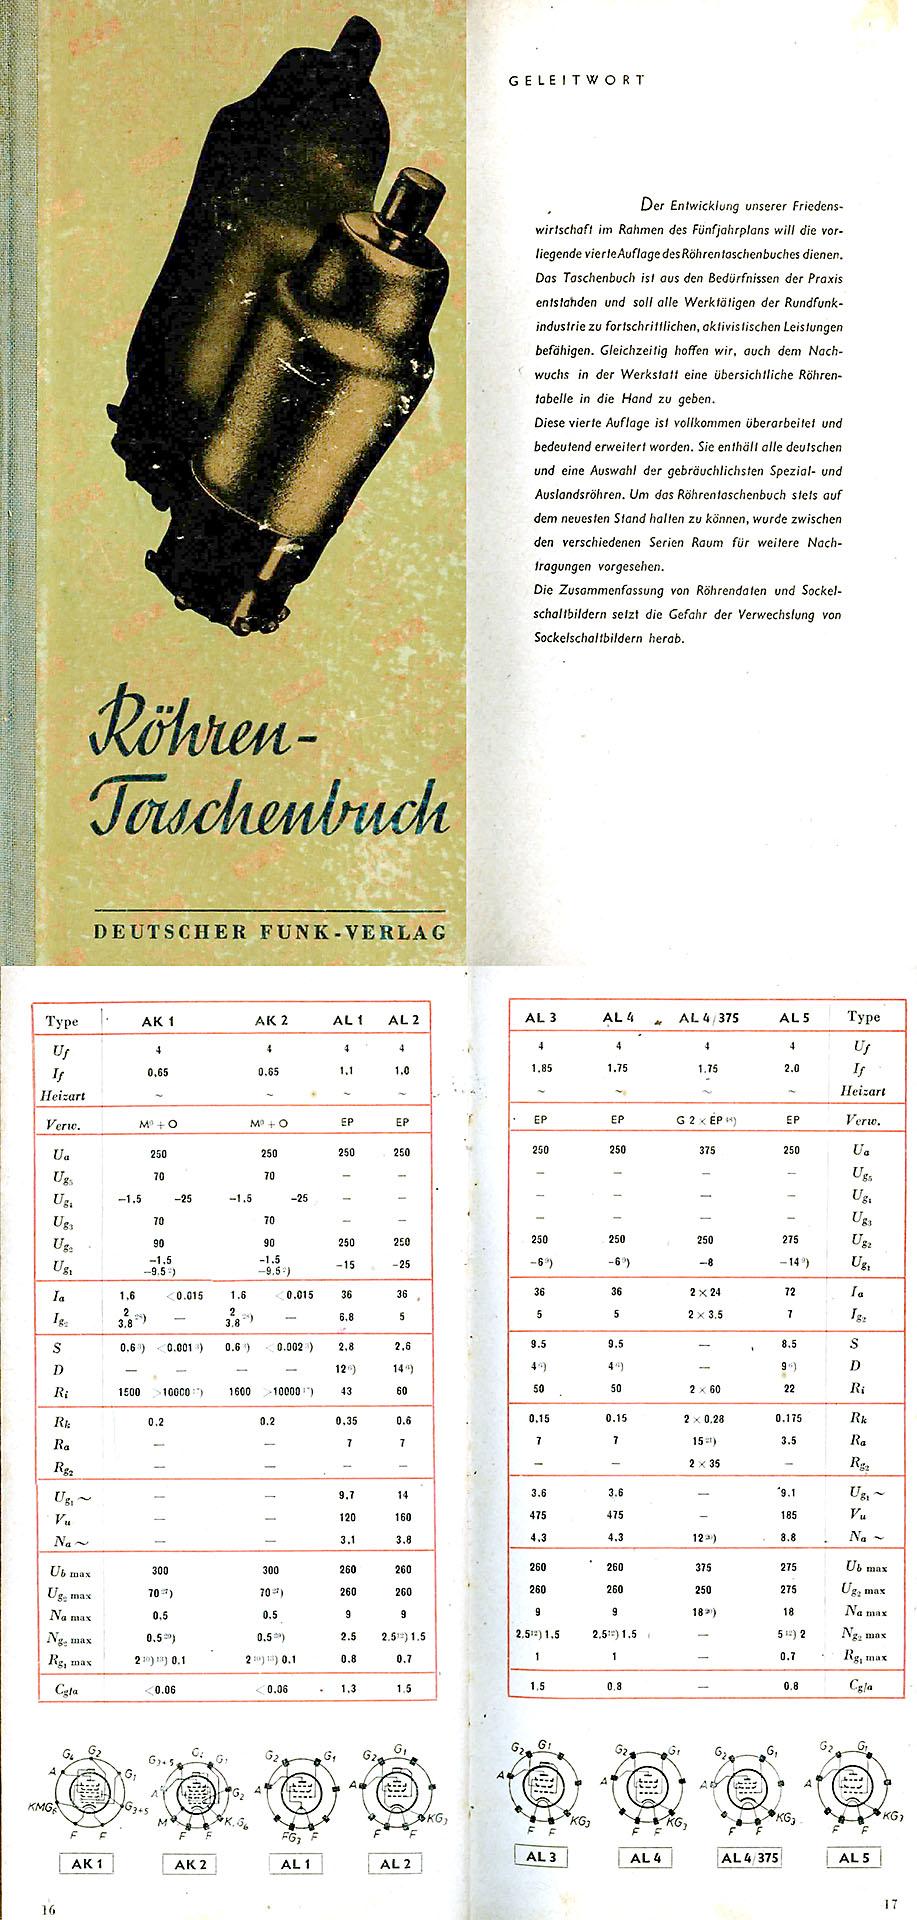 Röhren - Taschenbuch